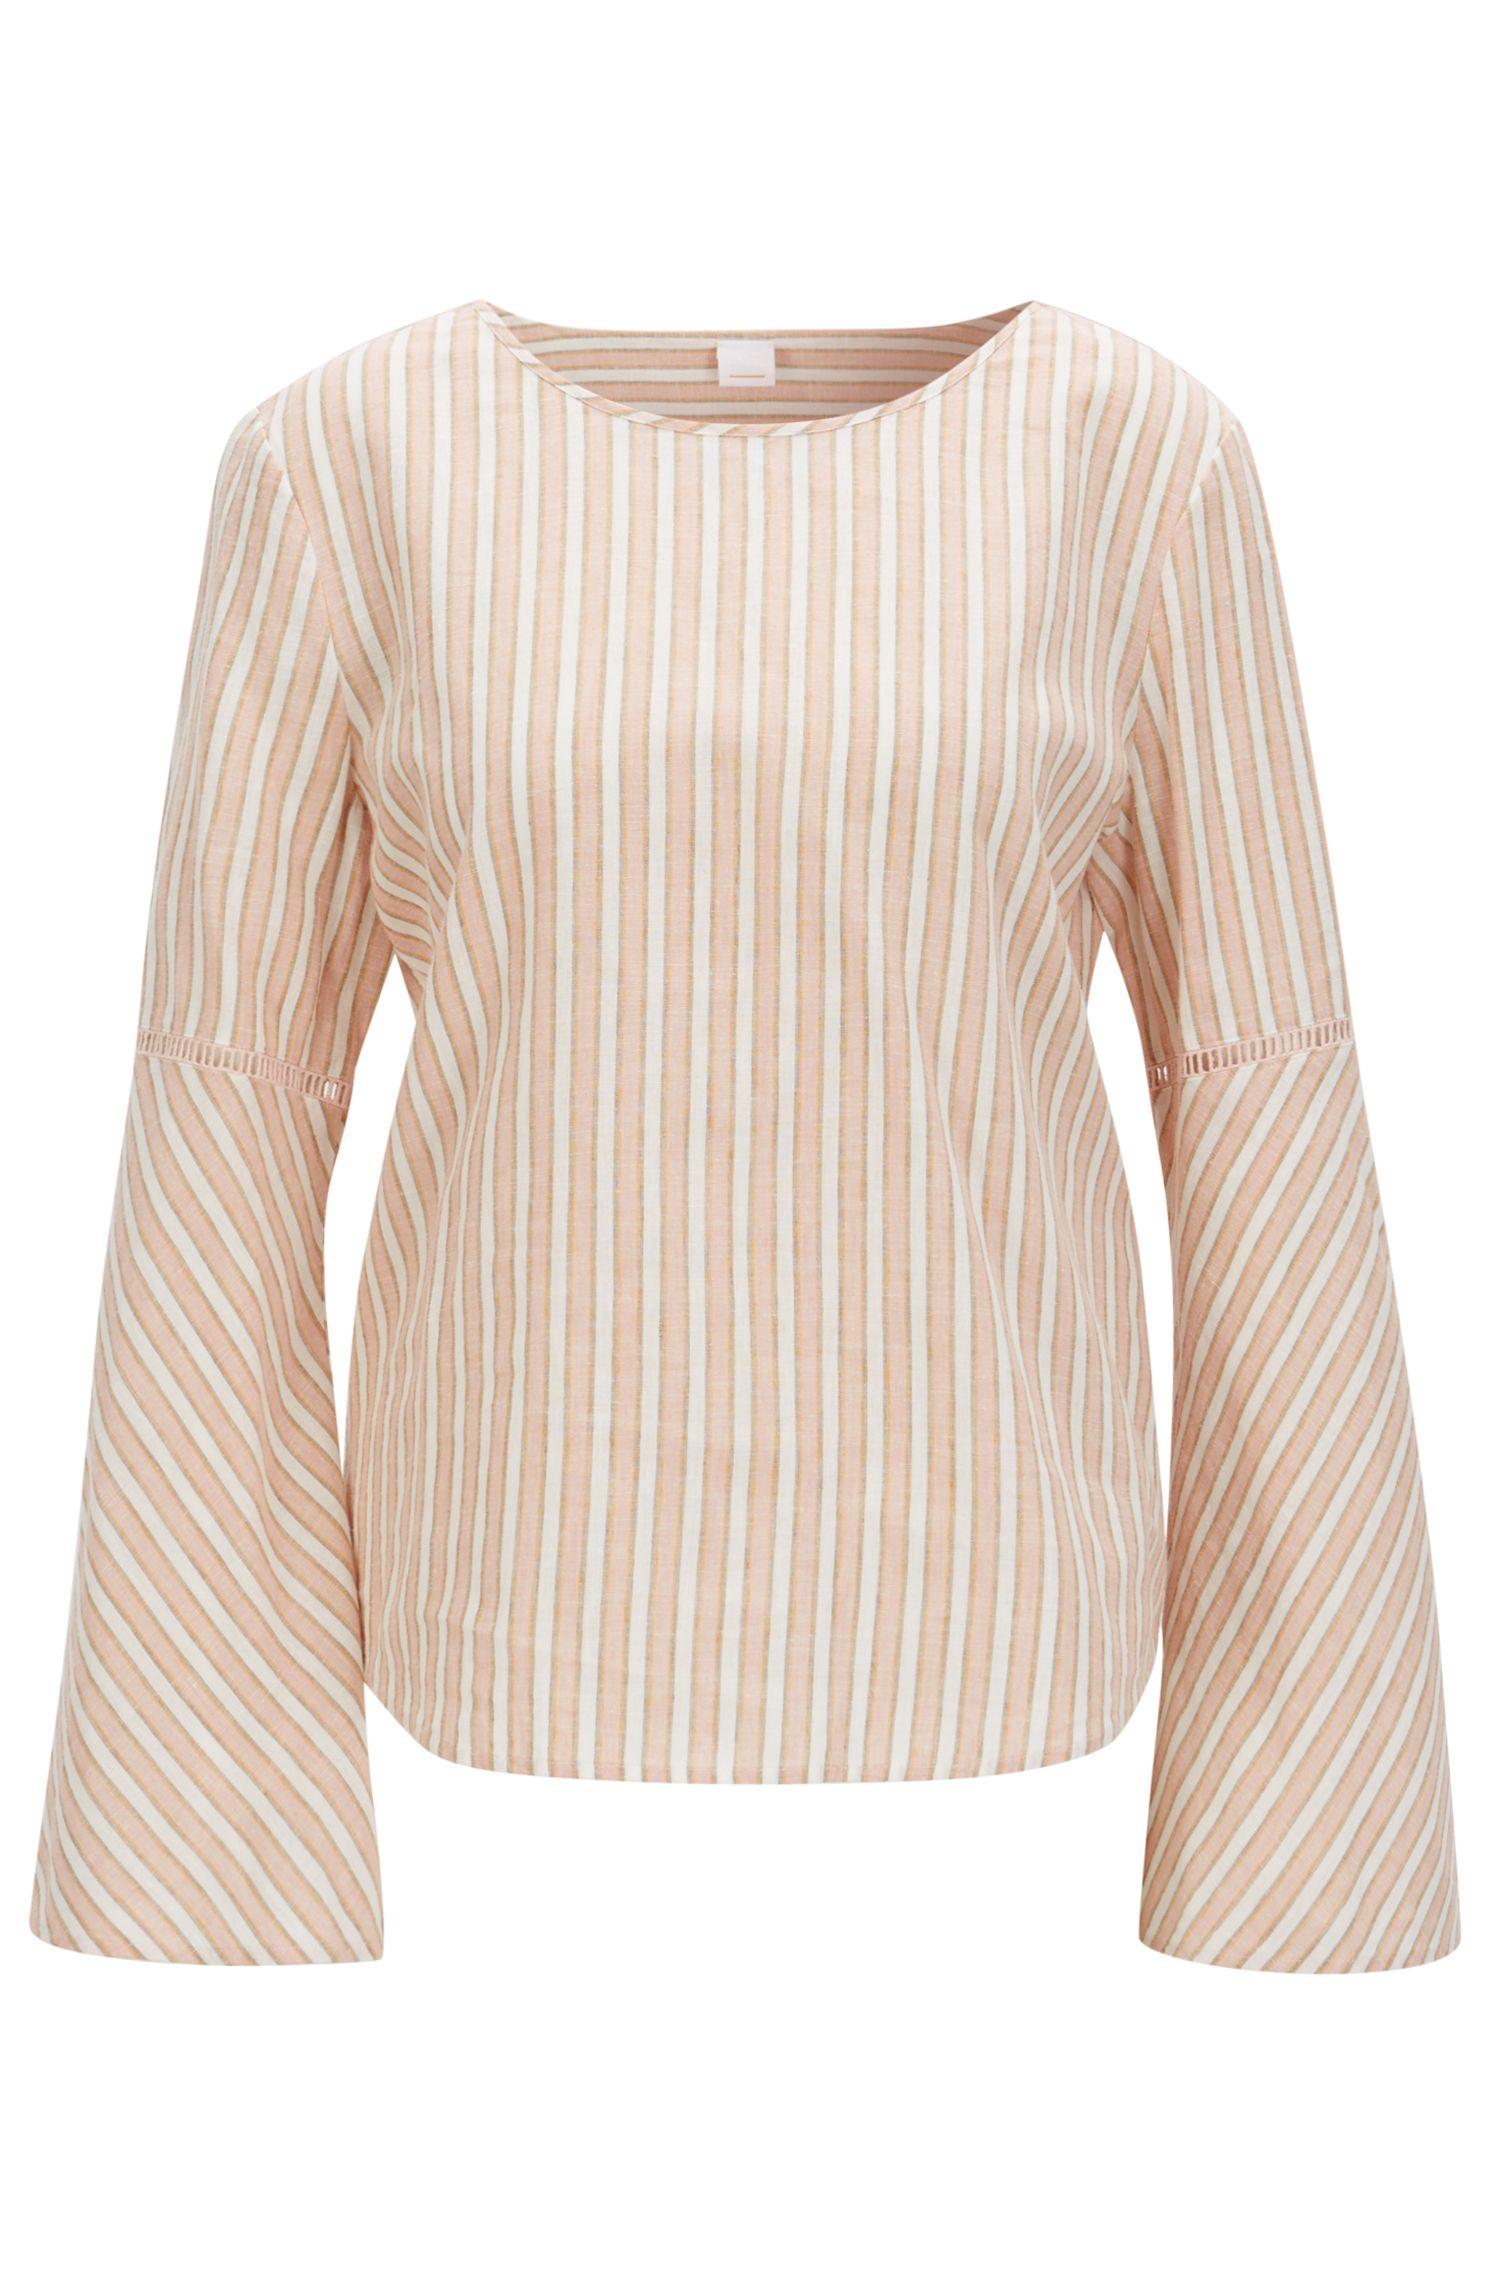 Kragenlose Regular-Fit Bluse aus Leinen-Mix mit Streifen-Dessin